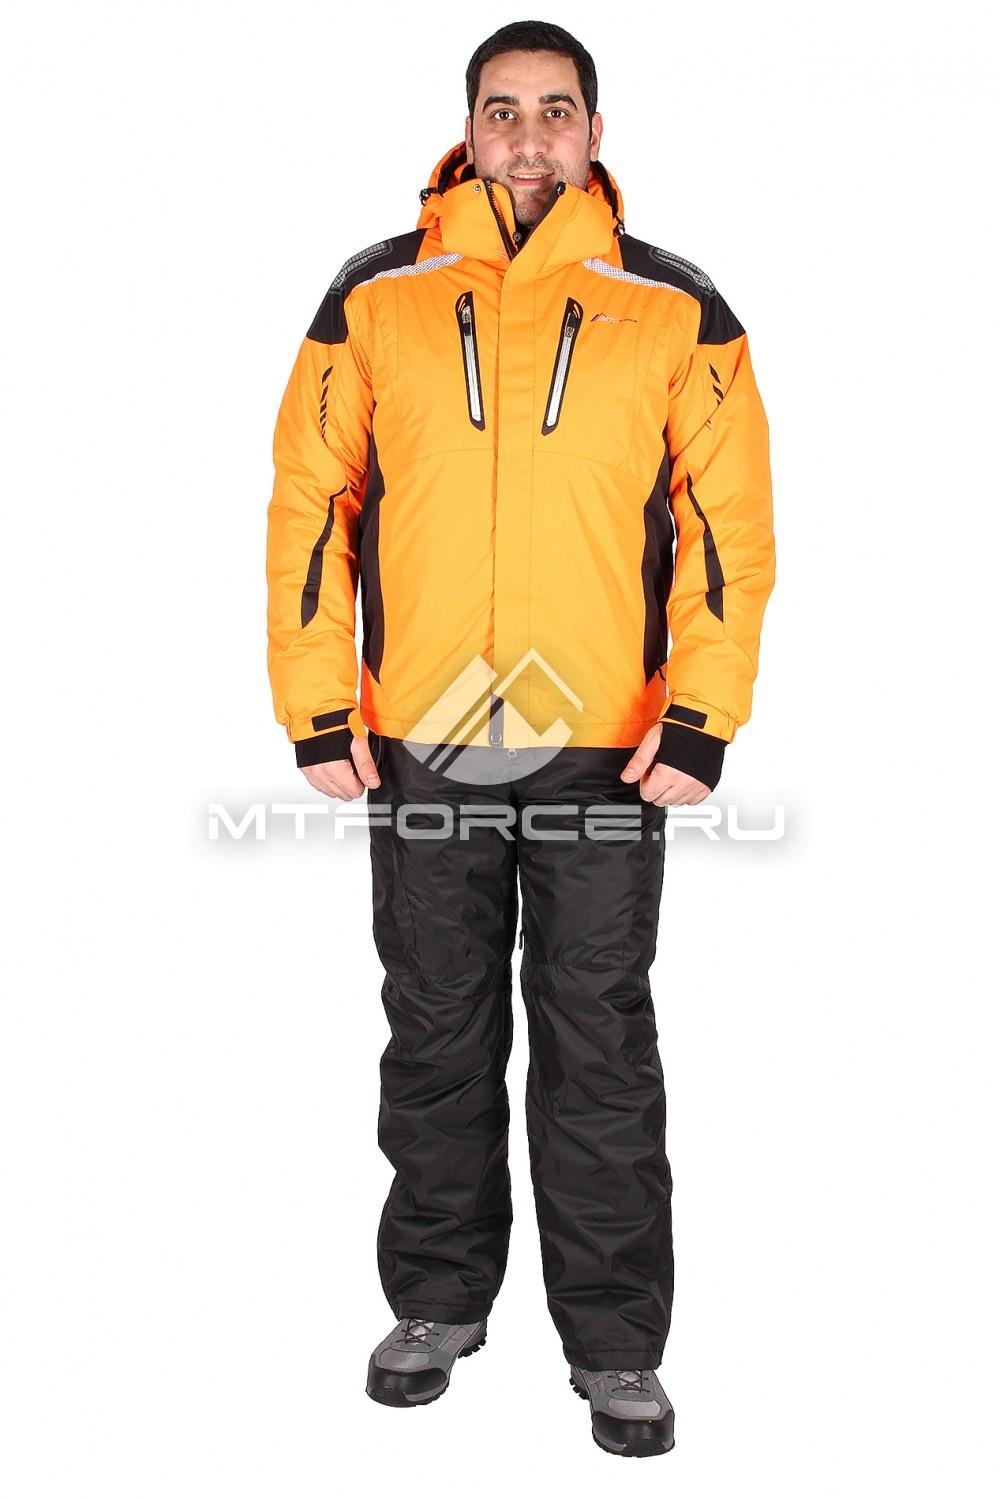 Купить                                  оптом Костюм горнолыжный мужской оранжевого цвета 01552O